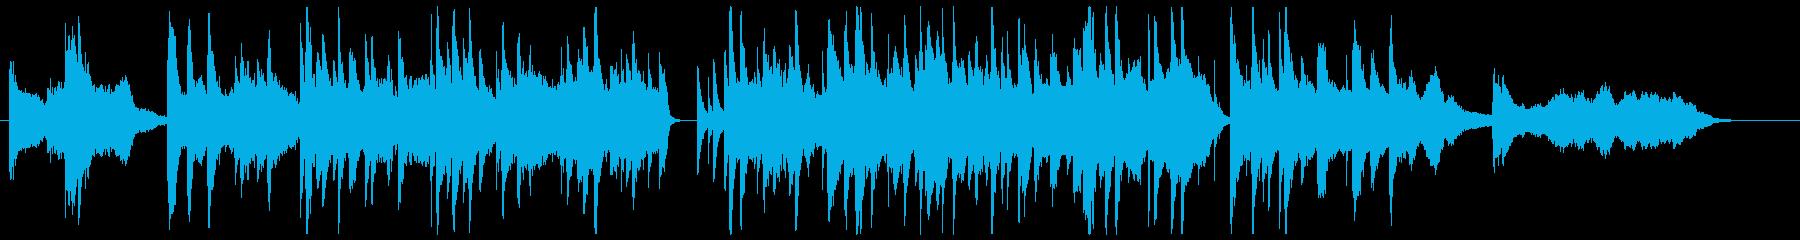 しっとりメロウなジャズバラードの再生済みの波形